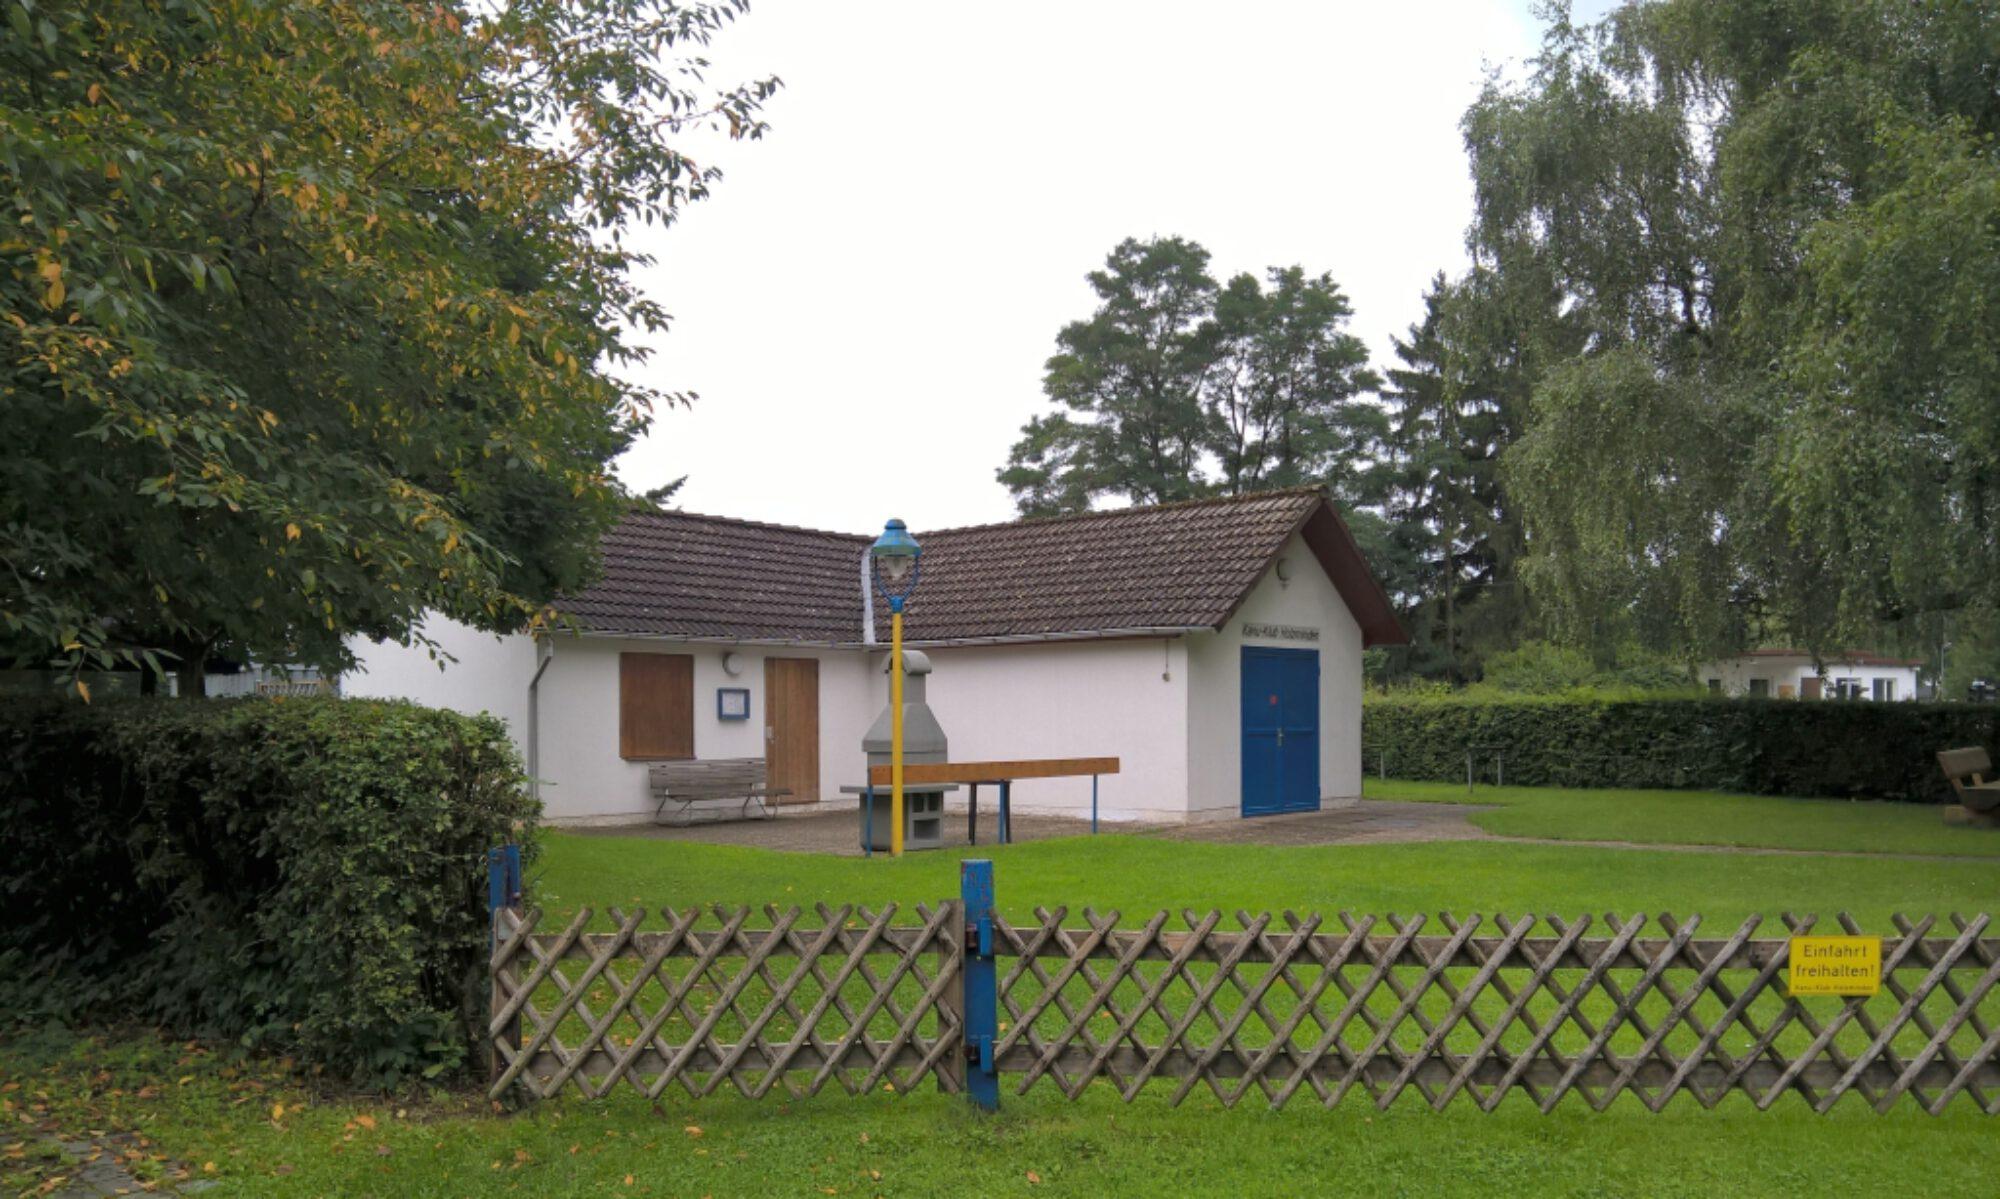 Kanu - Klub  Holzminden e.V.